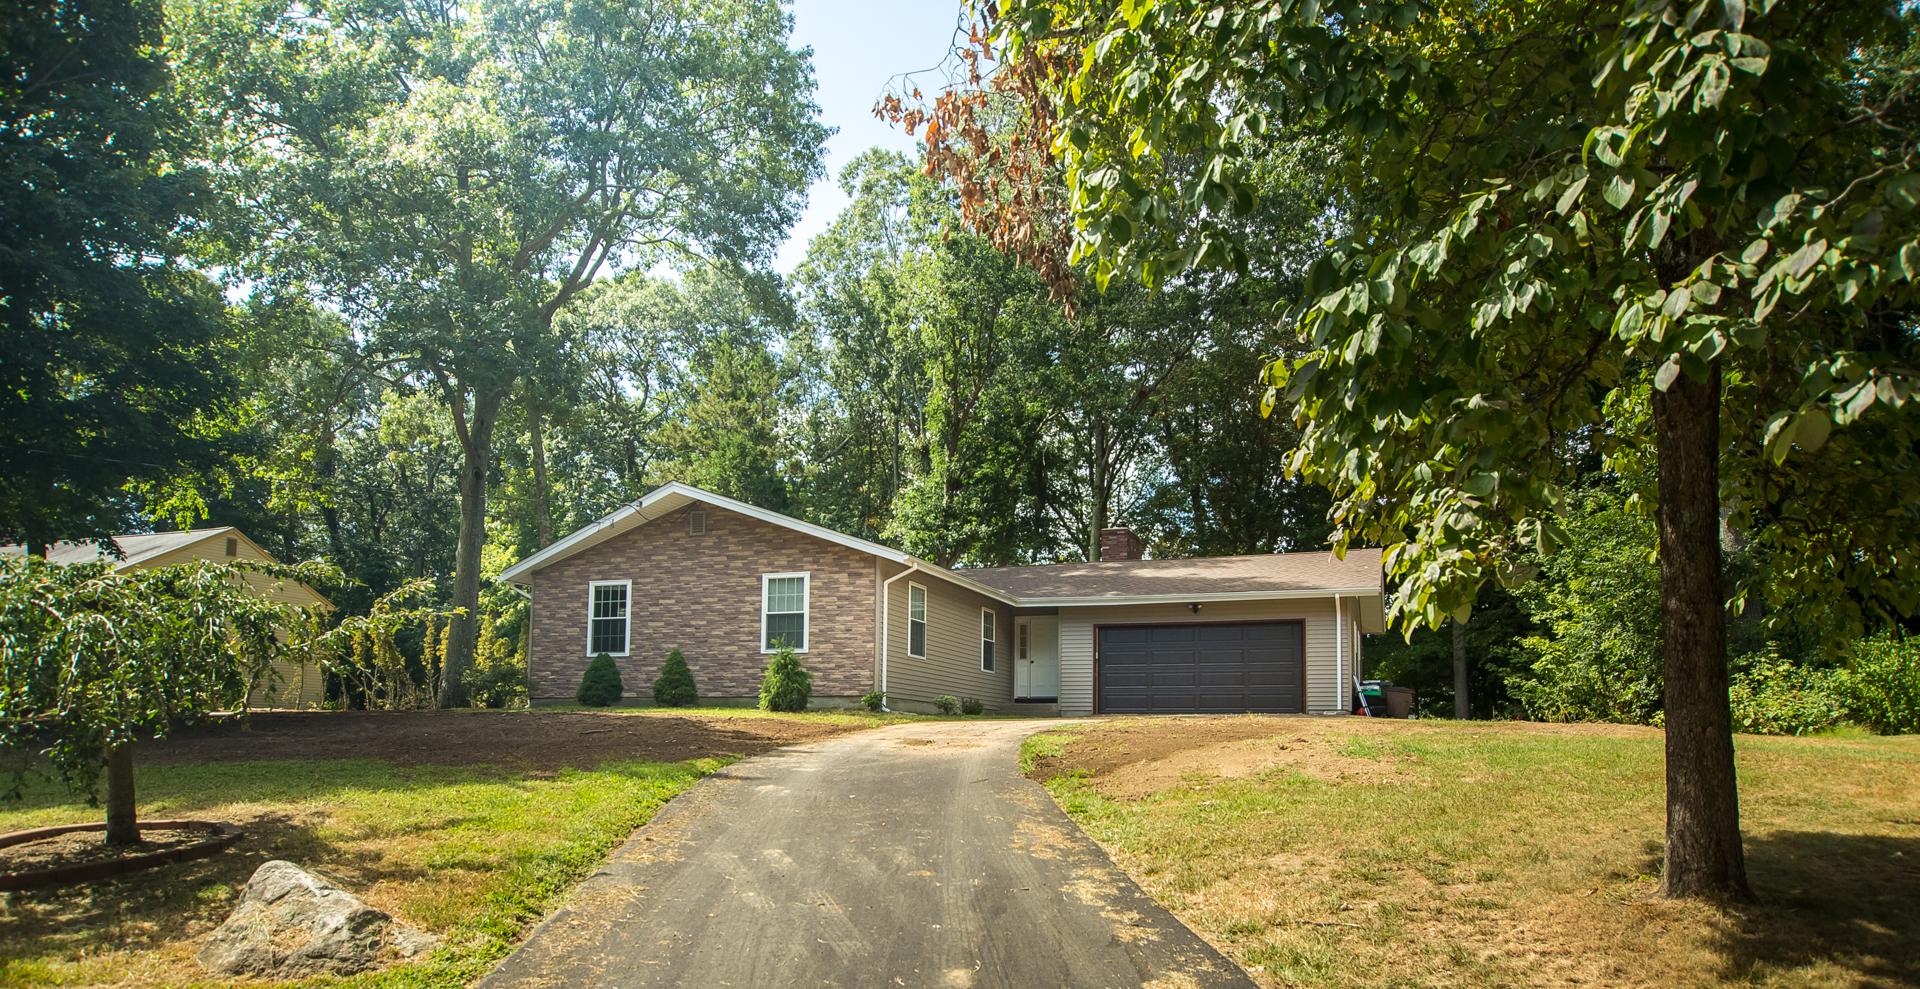 Einfamilienhaus für Verkauf beim One Level Ranch 11 South Ridge Road East Lyme, Connecticut 06357 Vereinigte Staaten